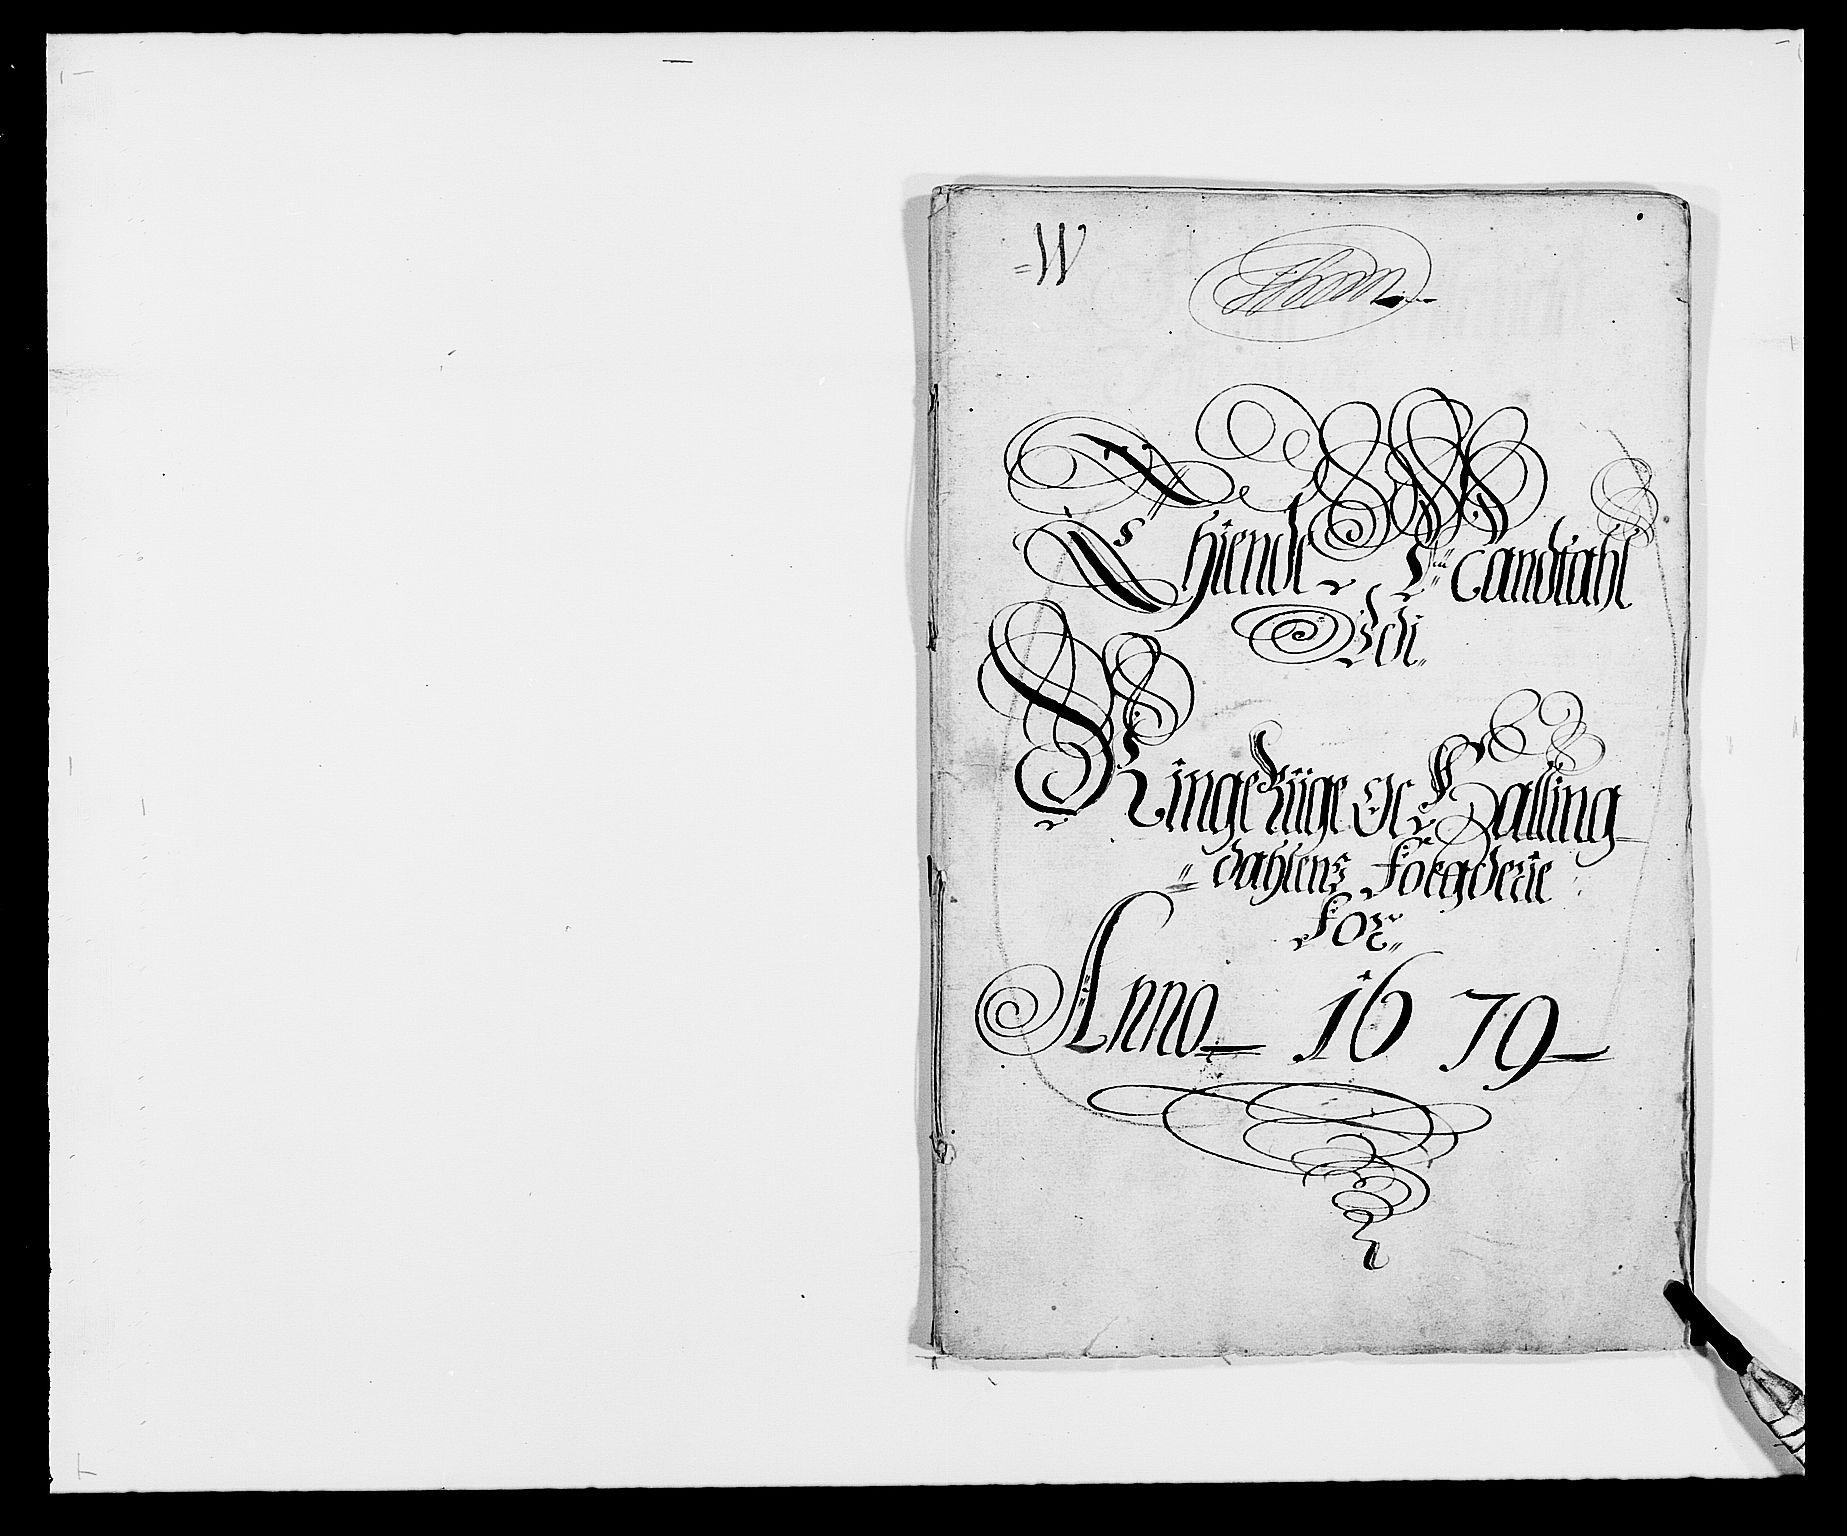 RA, Rentekammeret inntil 1814, Reviderte regnskaper, Fogderegnskap, R21/L1443: Fogderegnskap Ringerike og Hallingdal, 1678-1680, s. 320